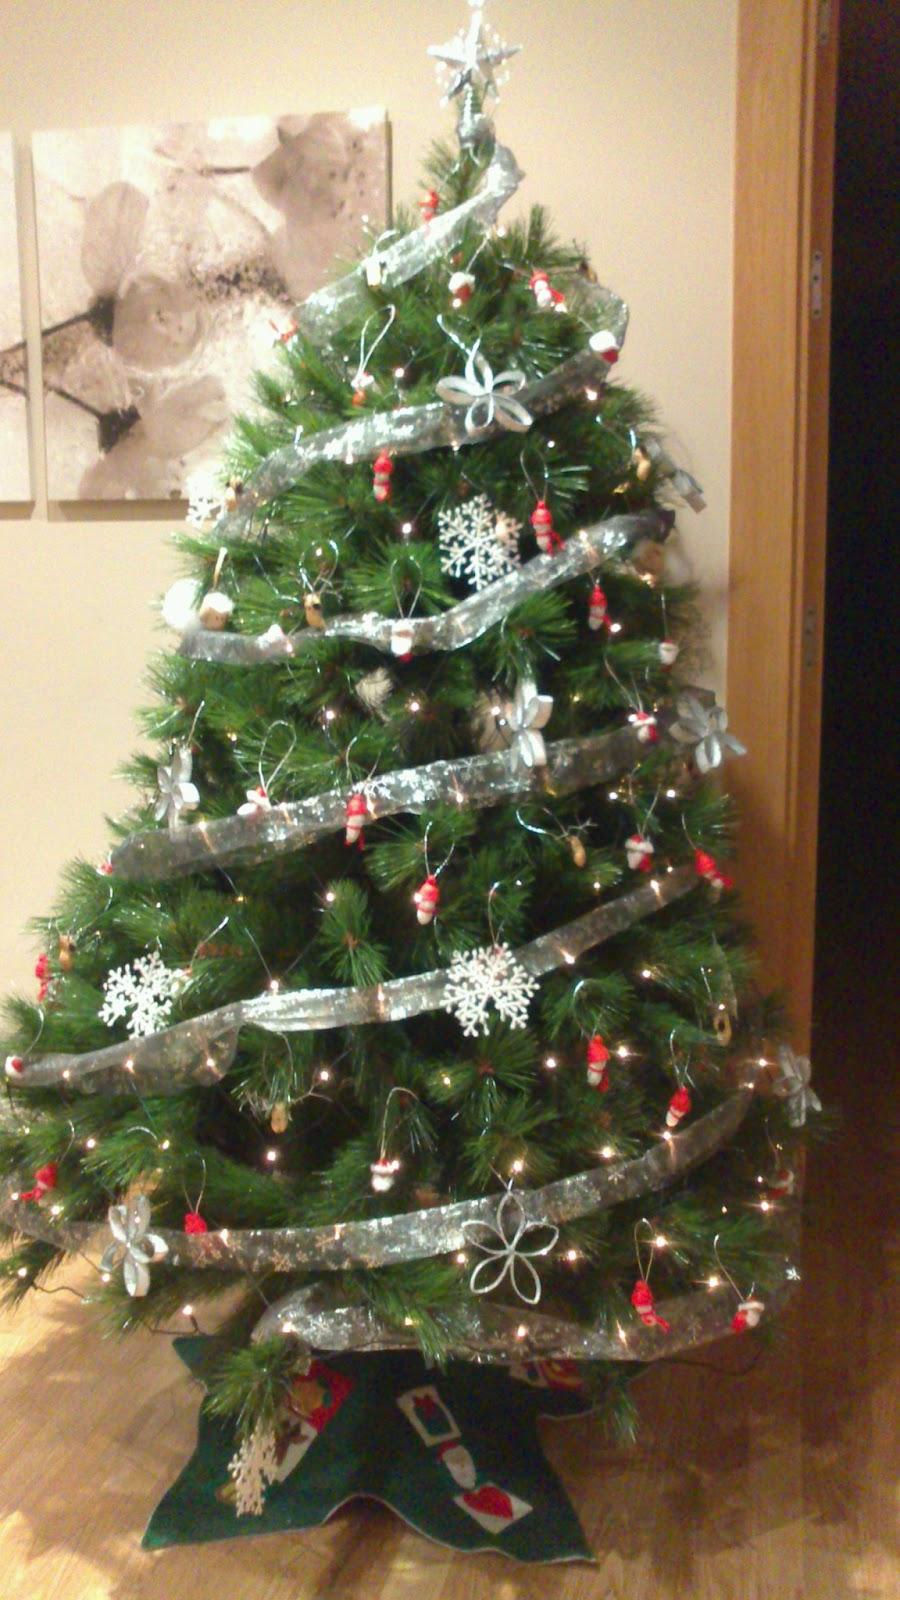 tictacocina Centro de mesa navidad 2013 y adornos